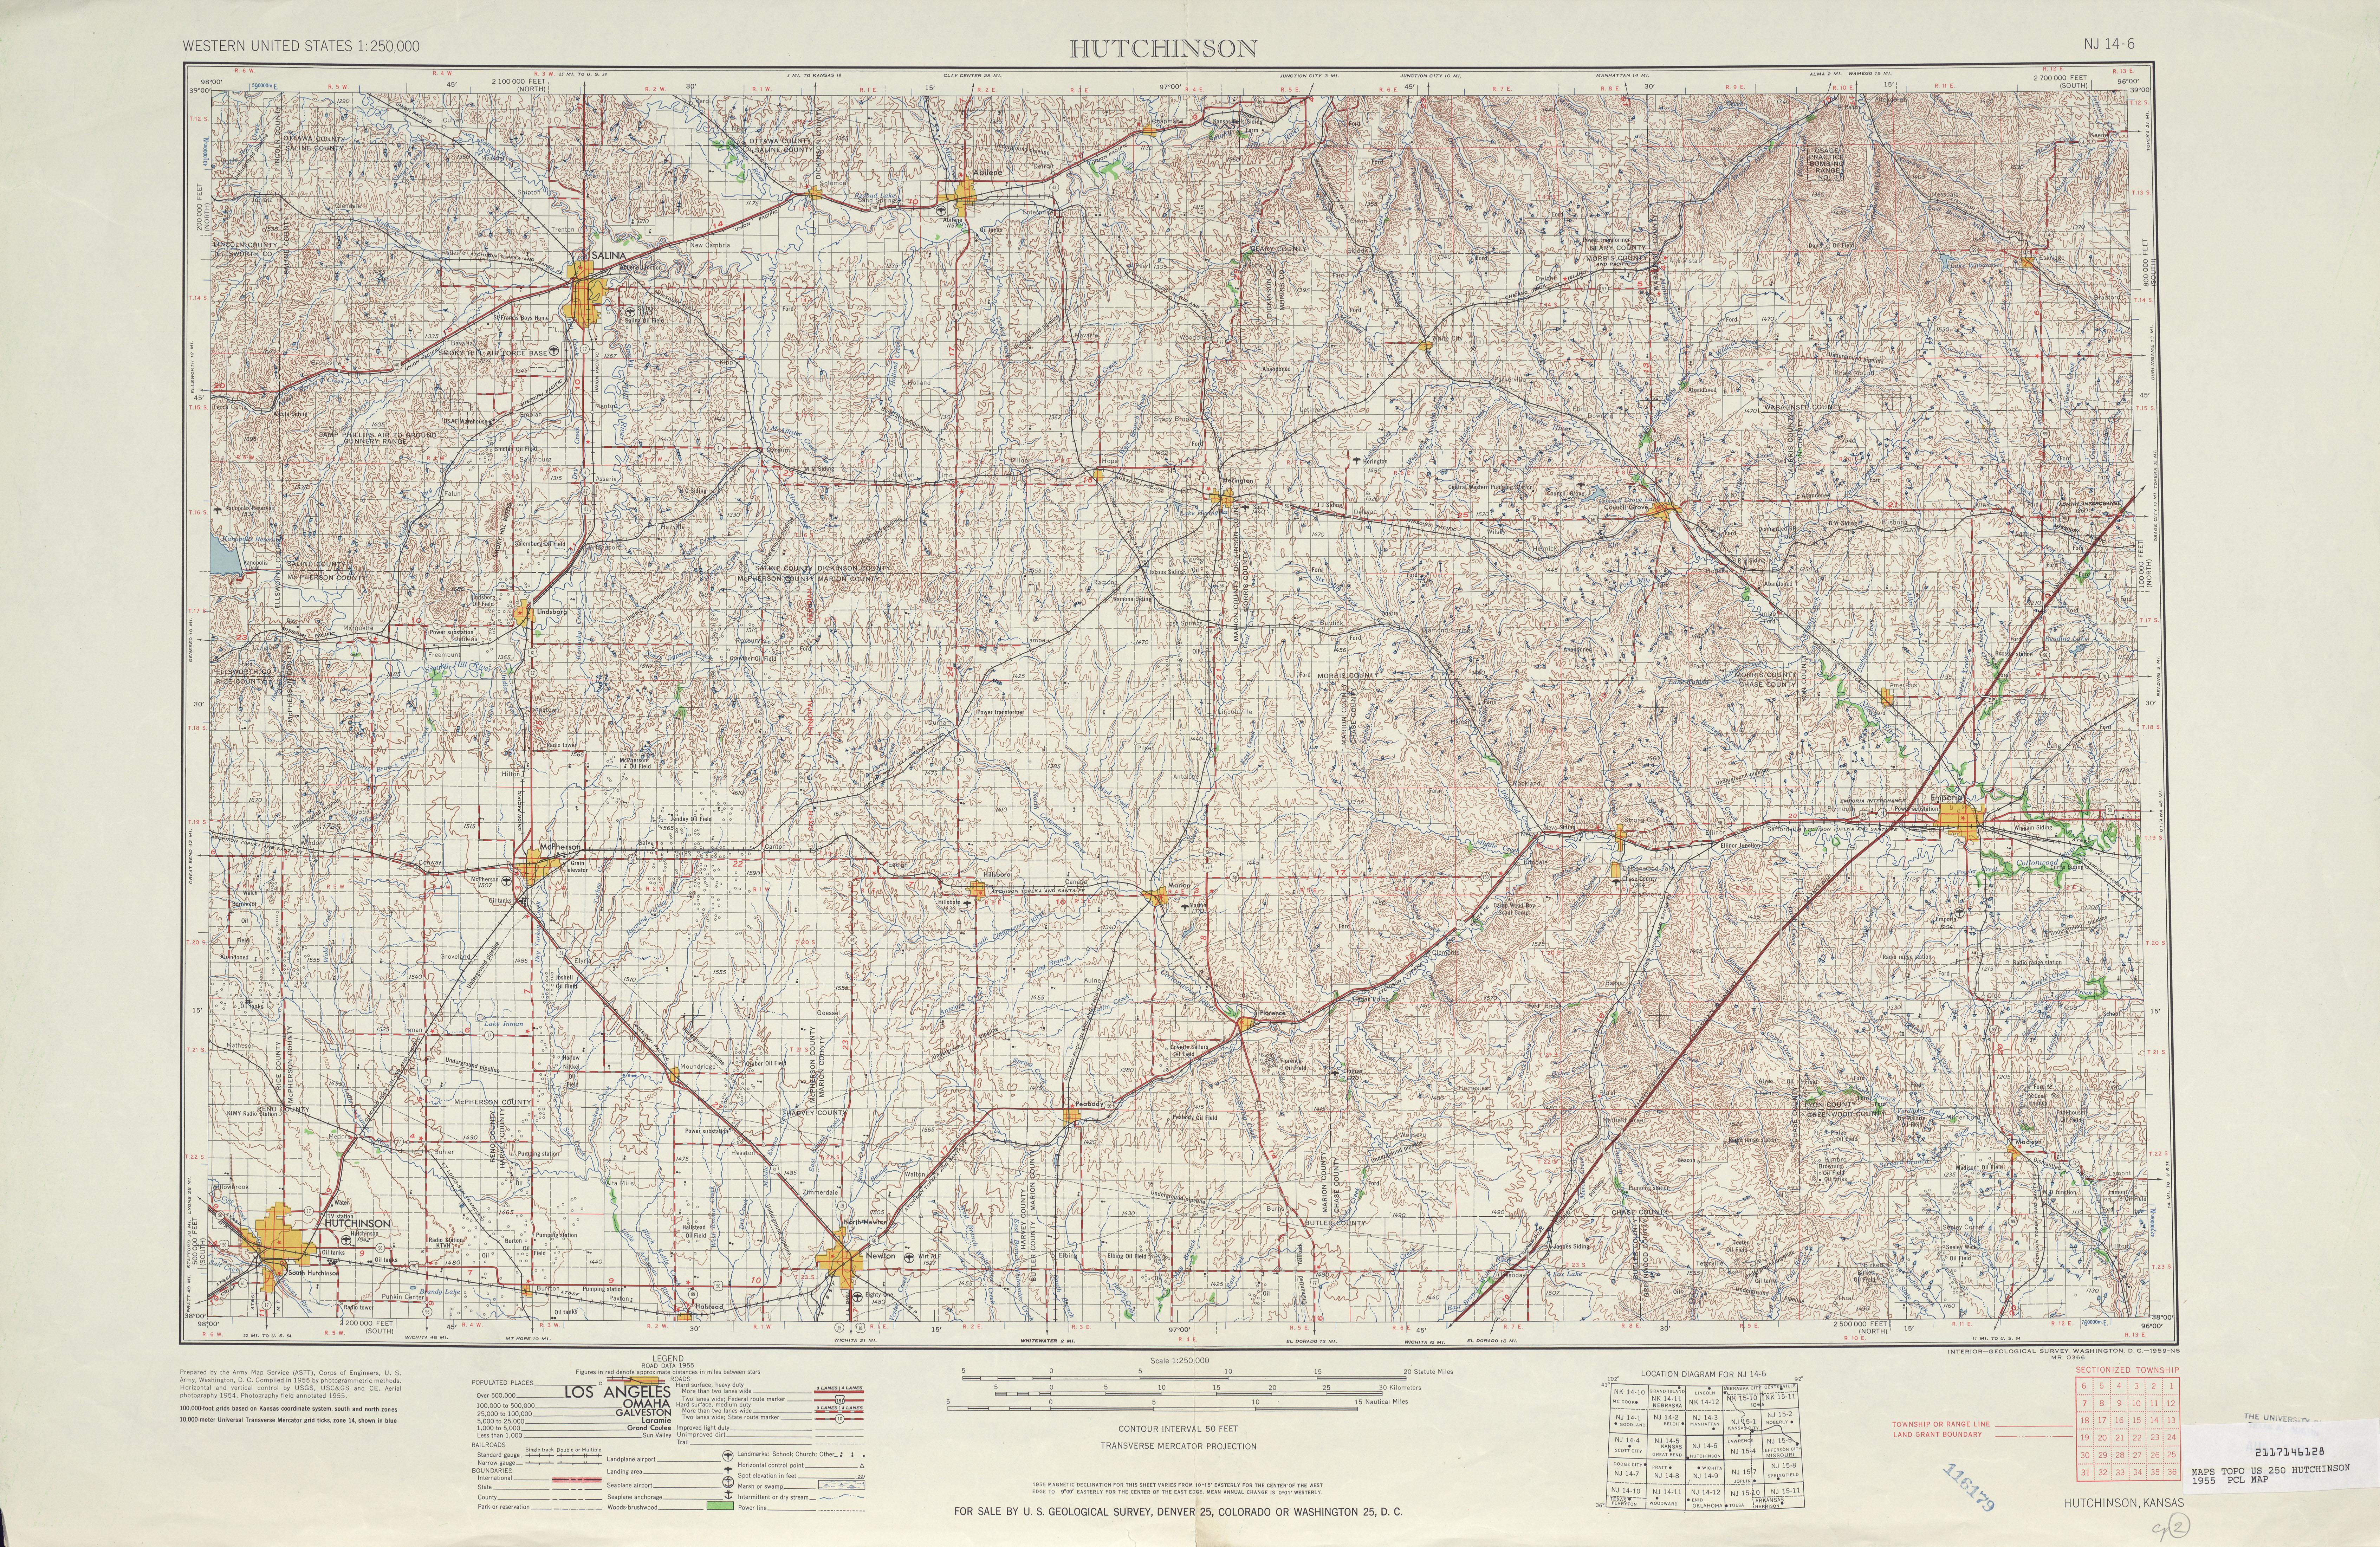 Hoja Hutchinson del Mapa Topográfico de los Estados Unidos 1955